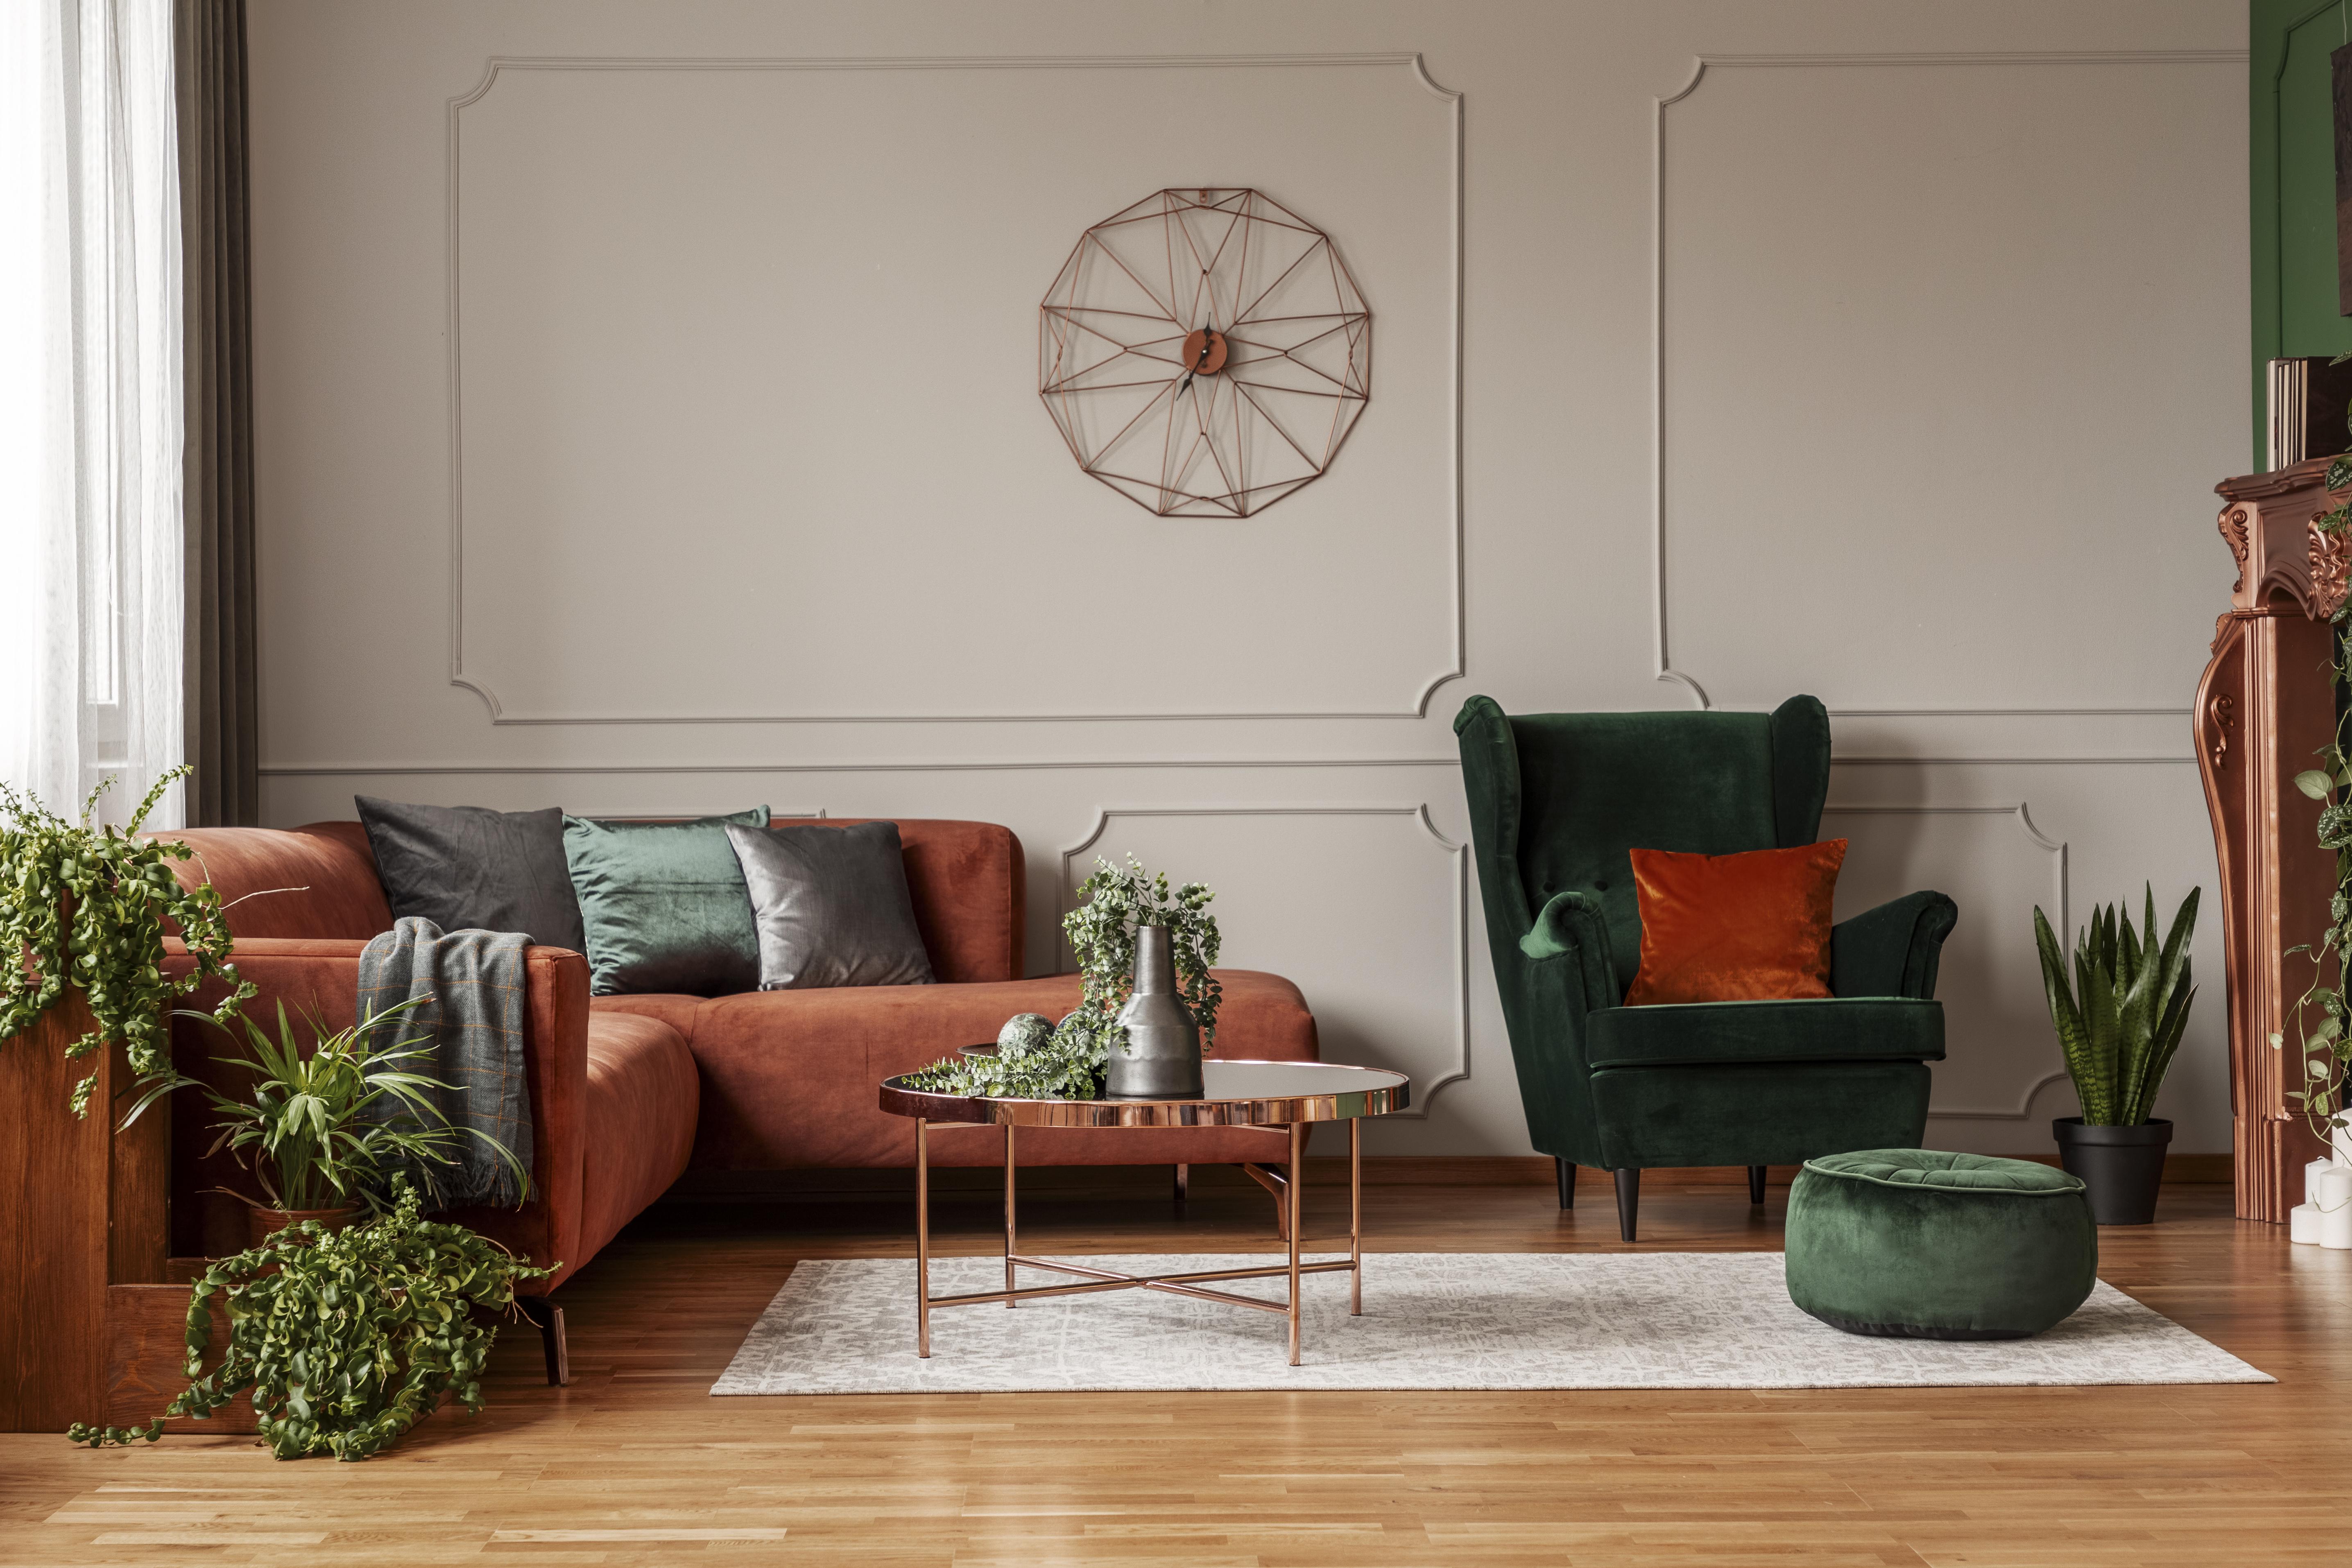 Salon tendance avec sofa en velour et peintures mf couleur tendance 2021